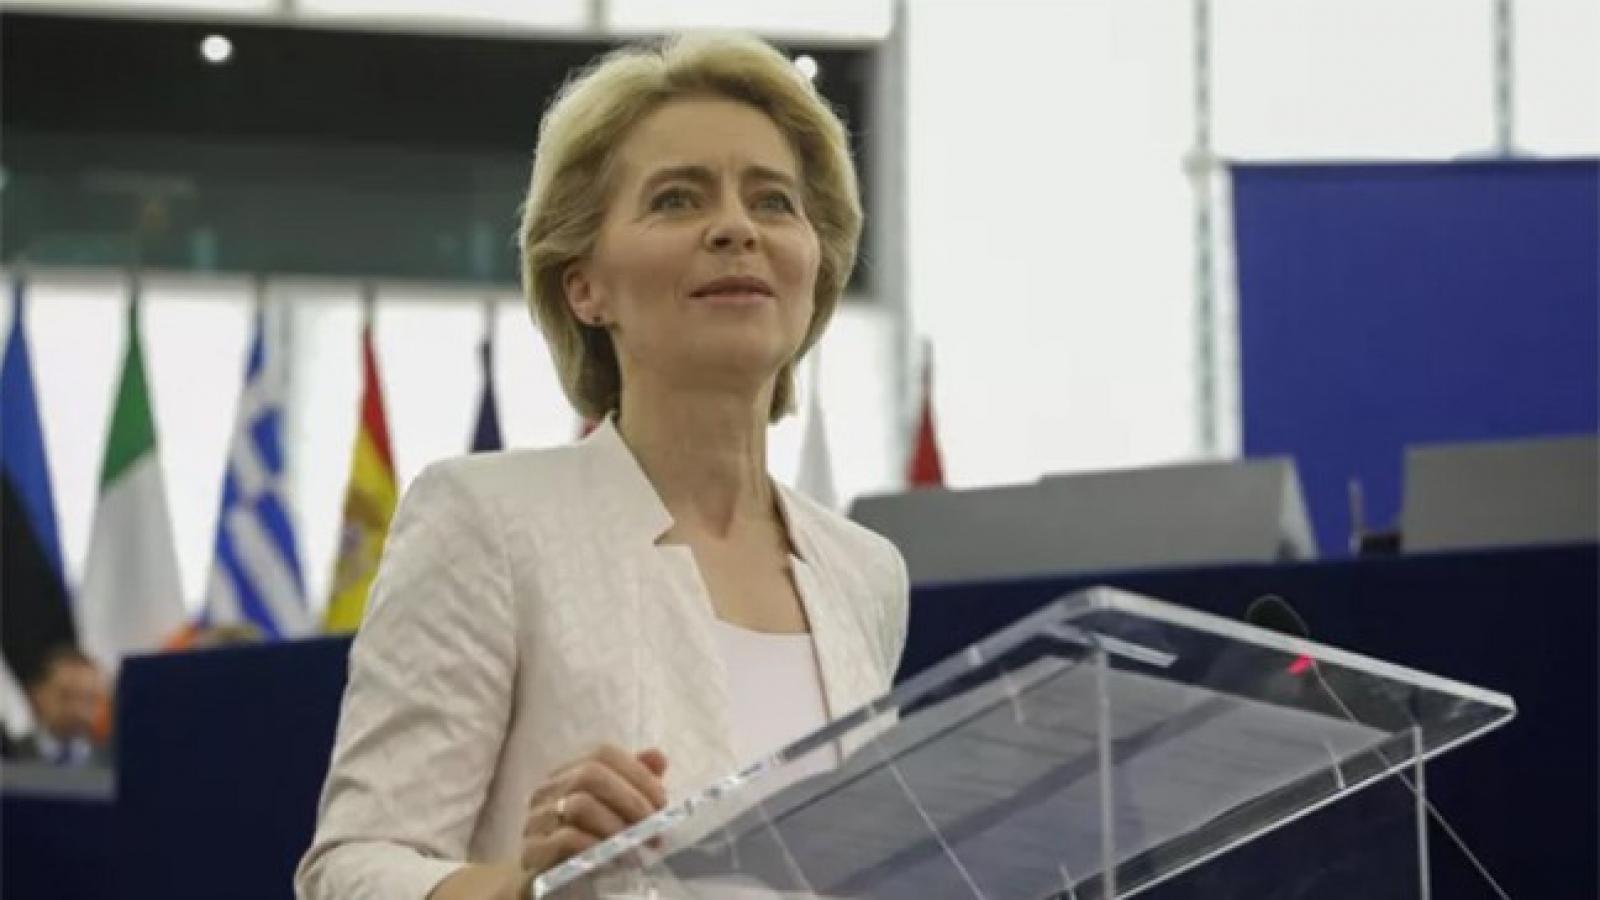 Châu Âu hy vọng Mỹ tham gia nghiên cứu vaccine ngừa Covid-19